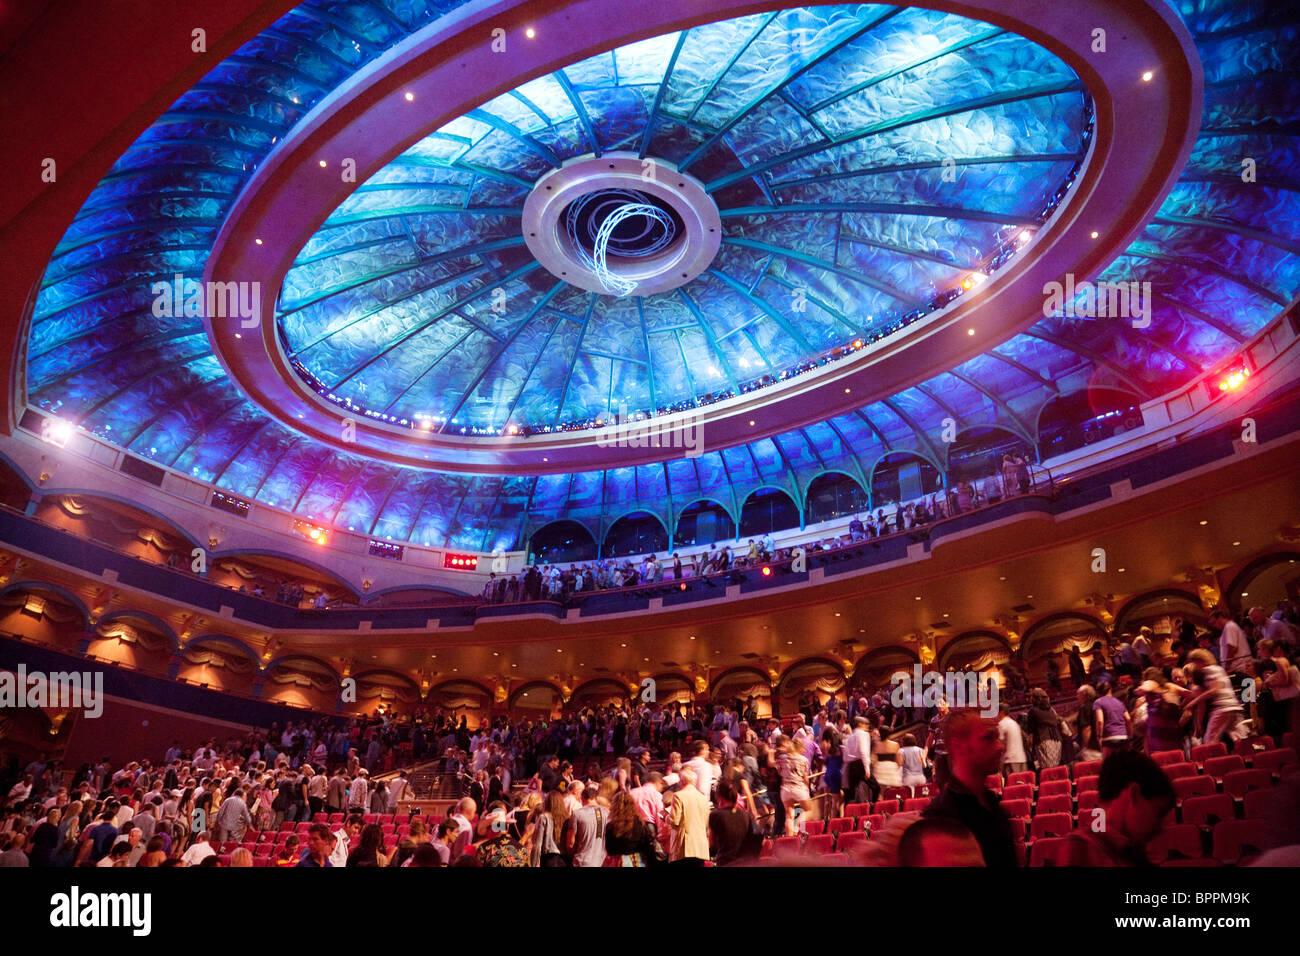 Bellagio O Show >> The Theatre In The Bellagio Hotel Las Vegas Where The Cirque Du